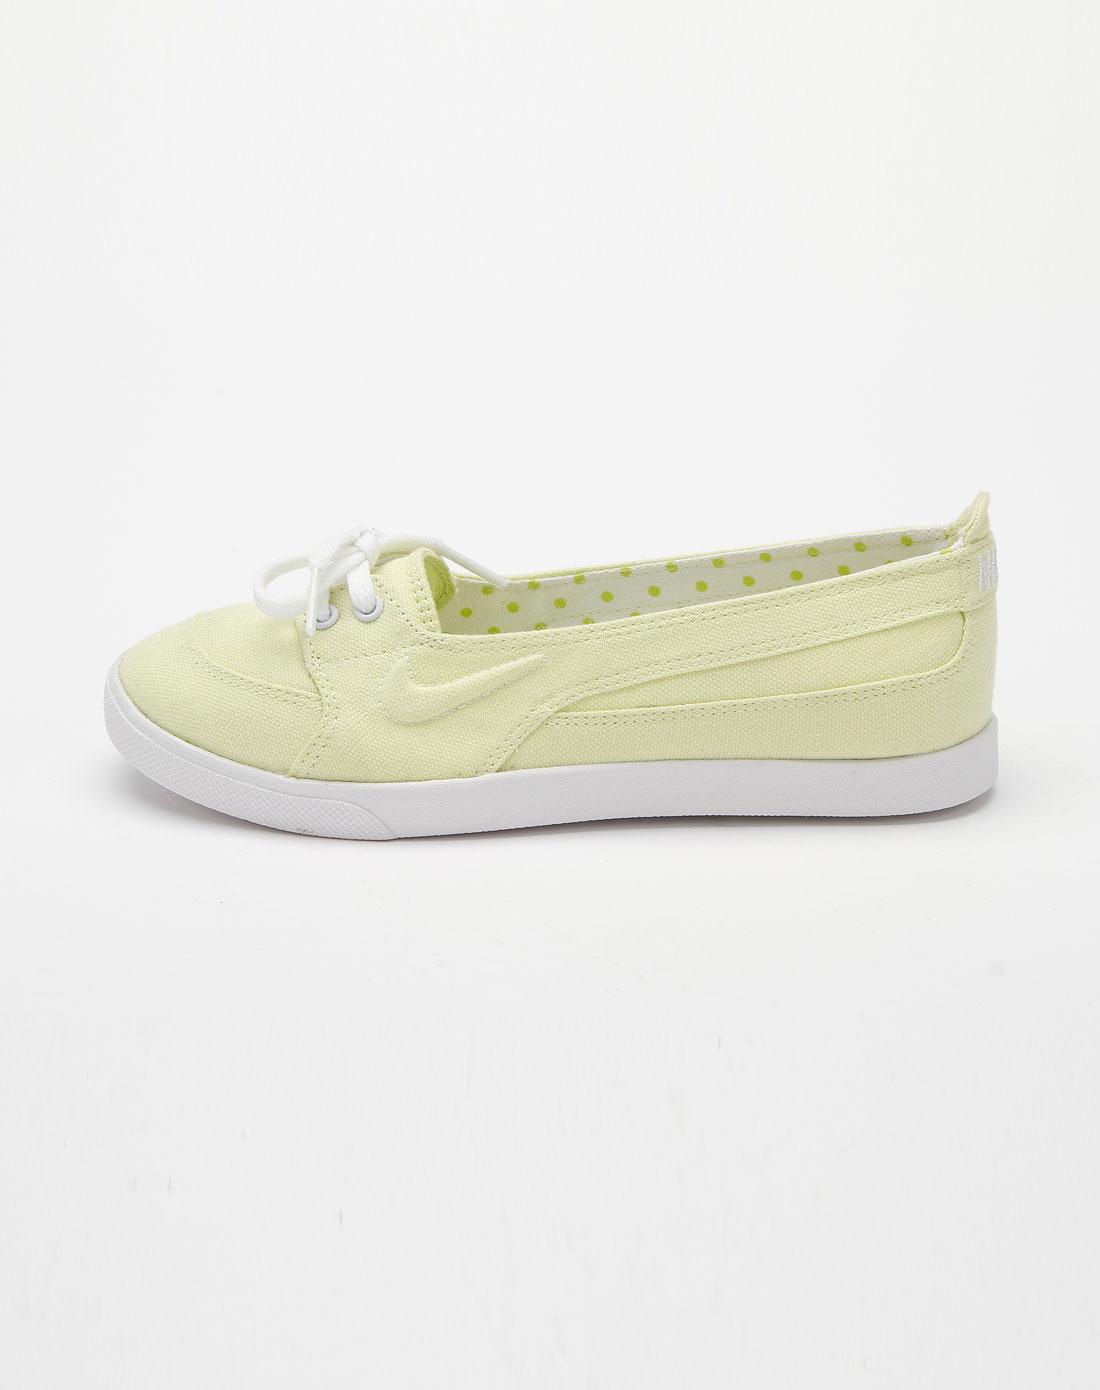 耐克nike-荧光黄色休闲个性帆布鞋443572-700